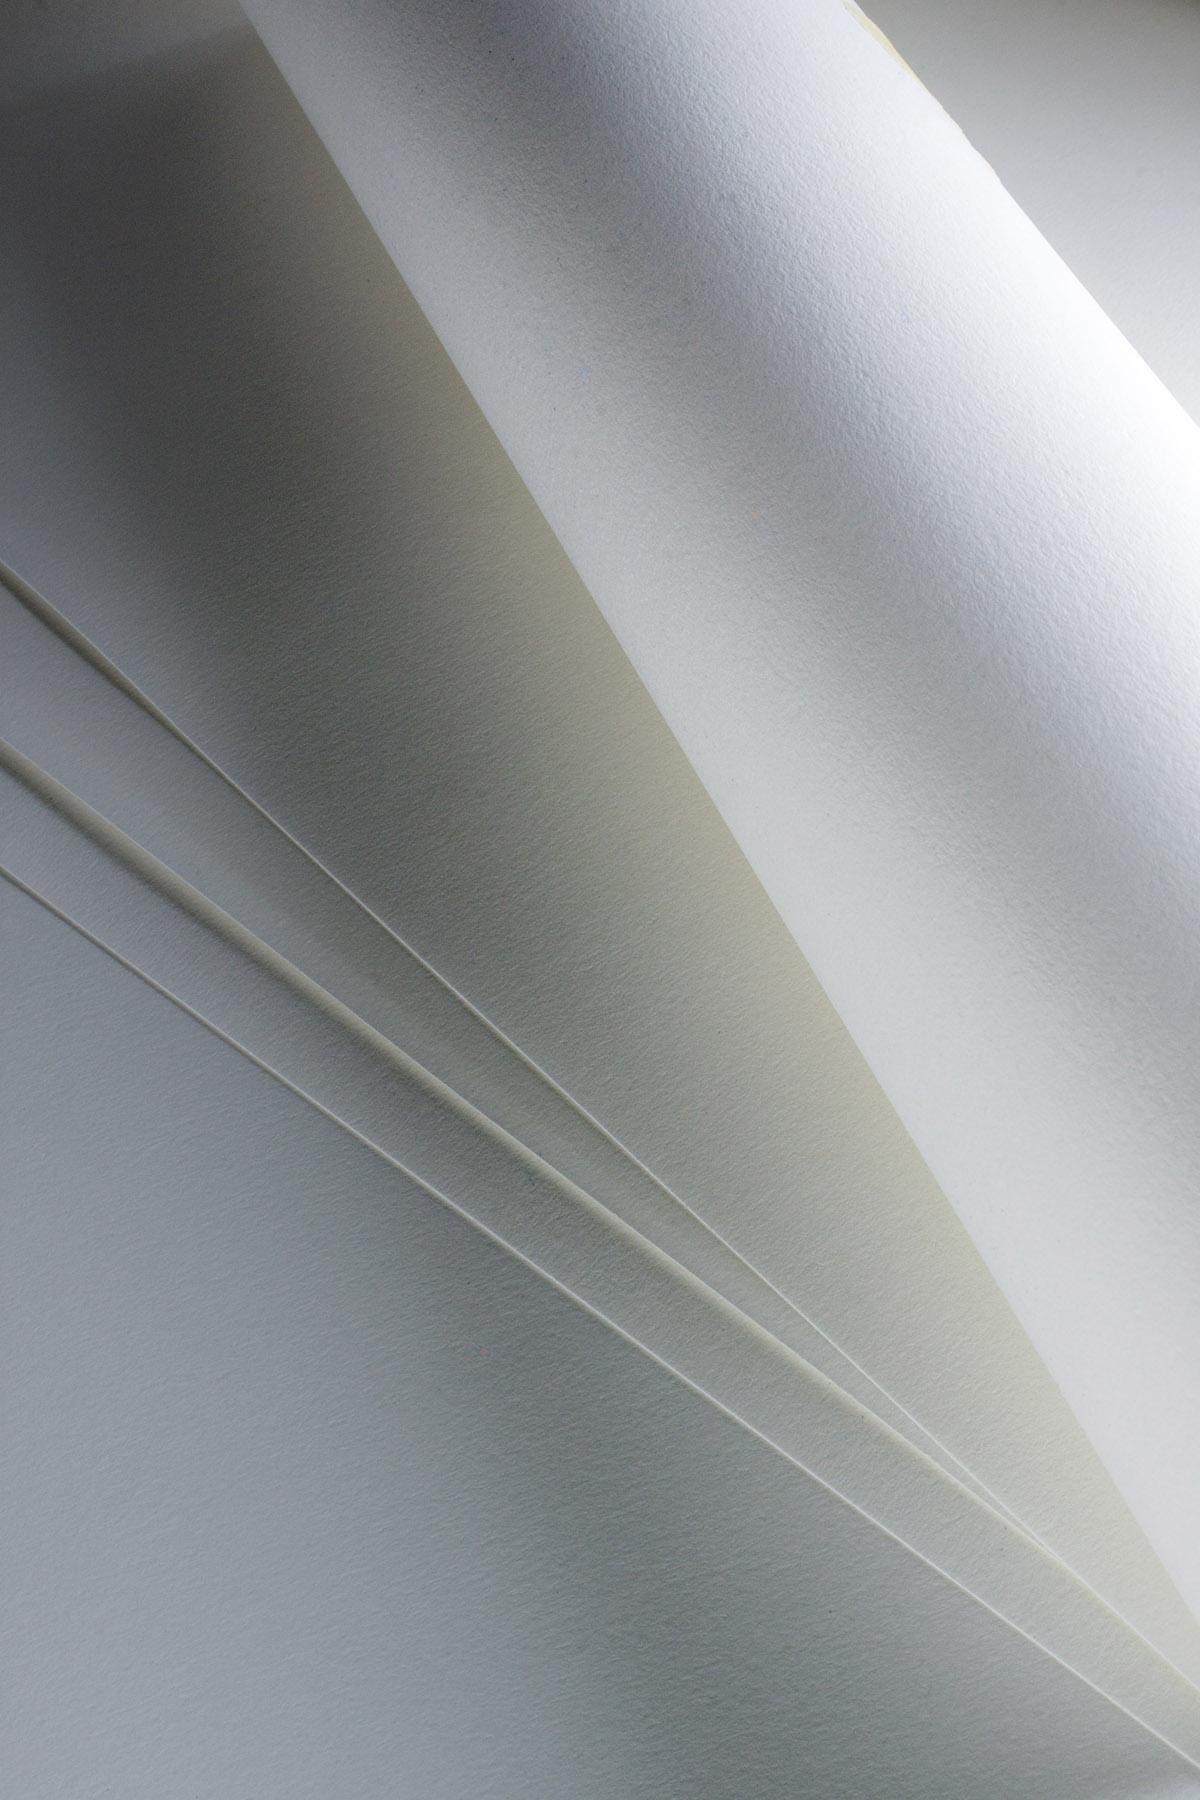 Бумага для рисования, зарисовок Fabriano Accademia 200г/м.кв 29,7x42см мелкозернистая 50л/упак